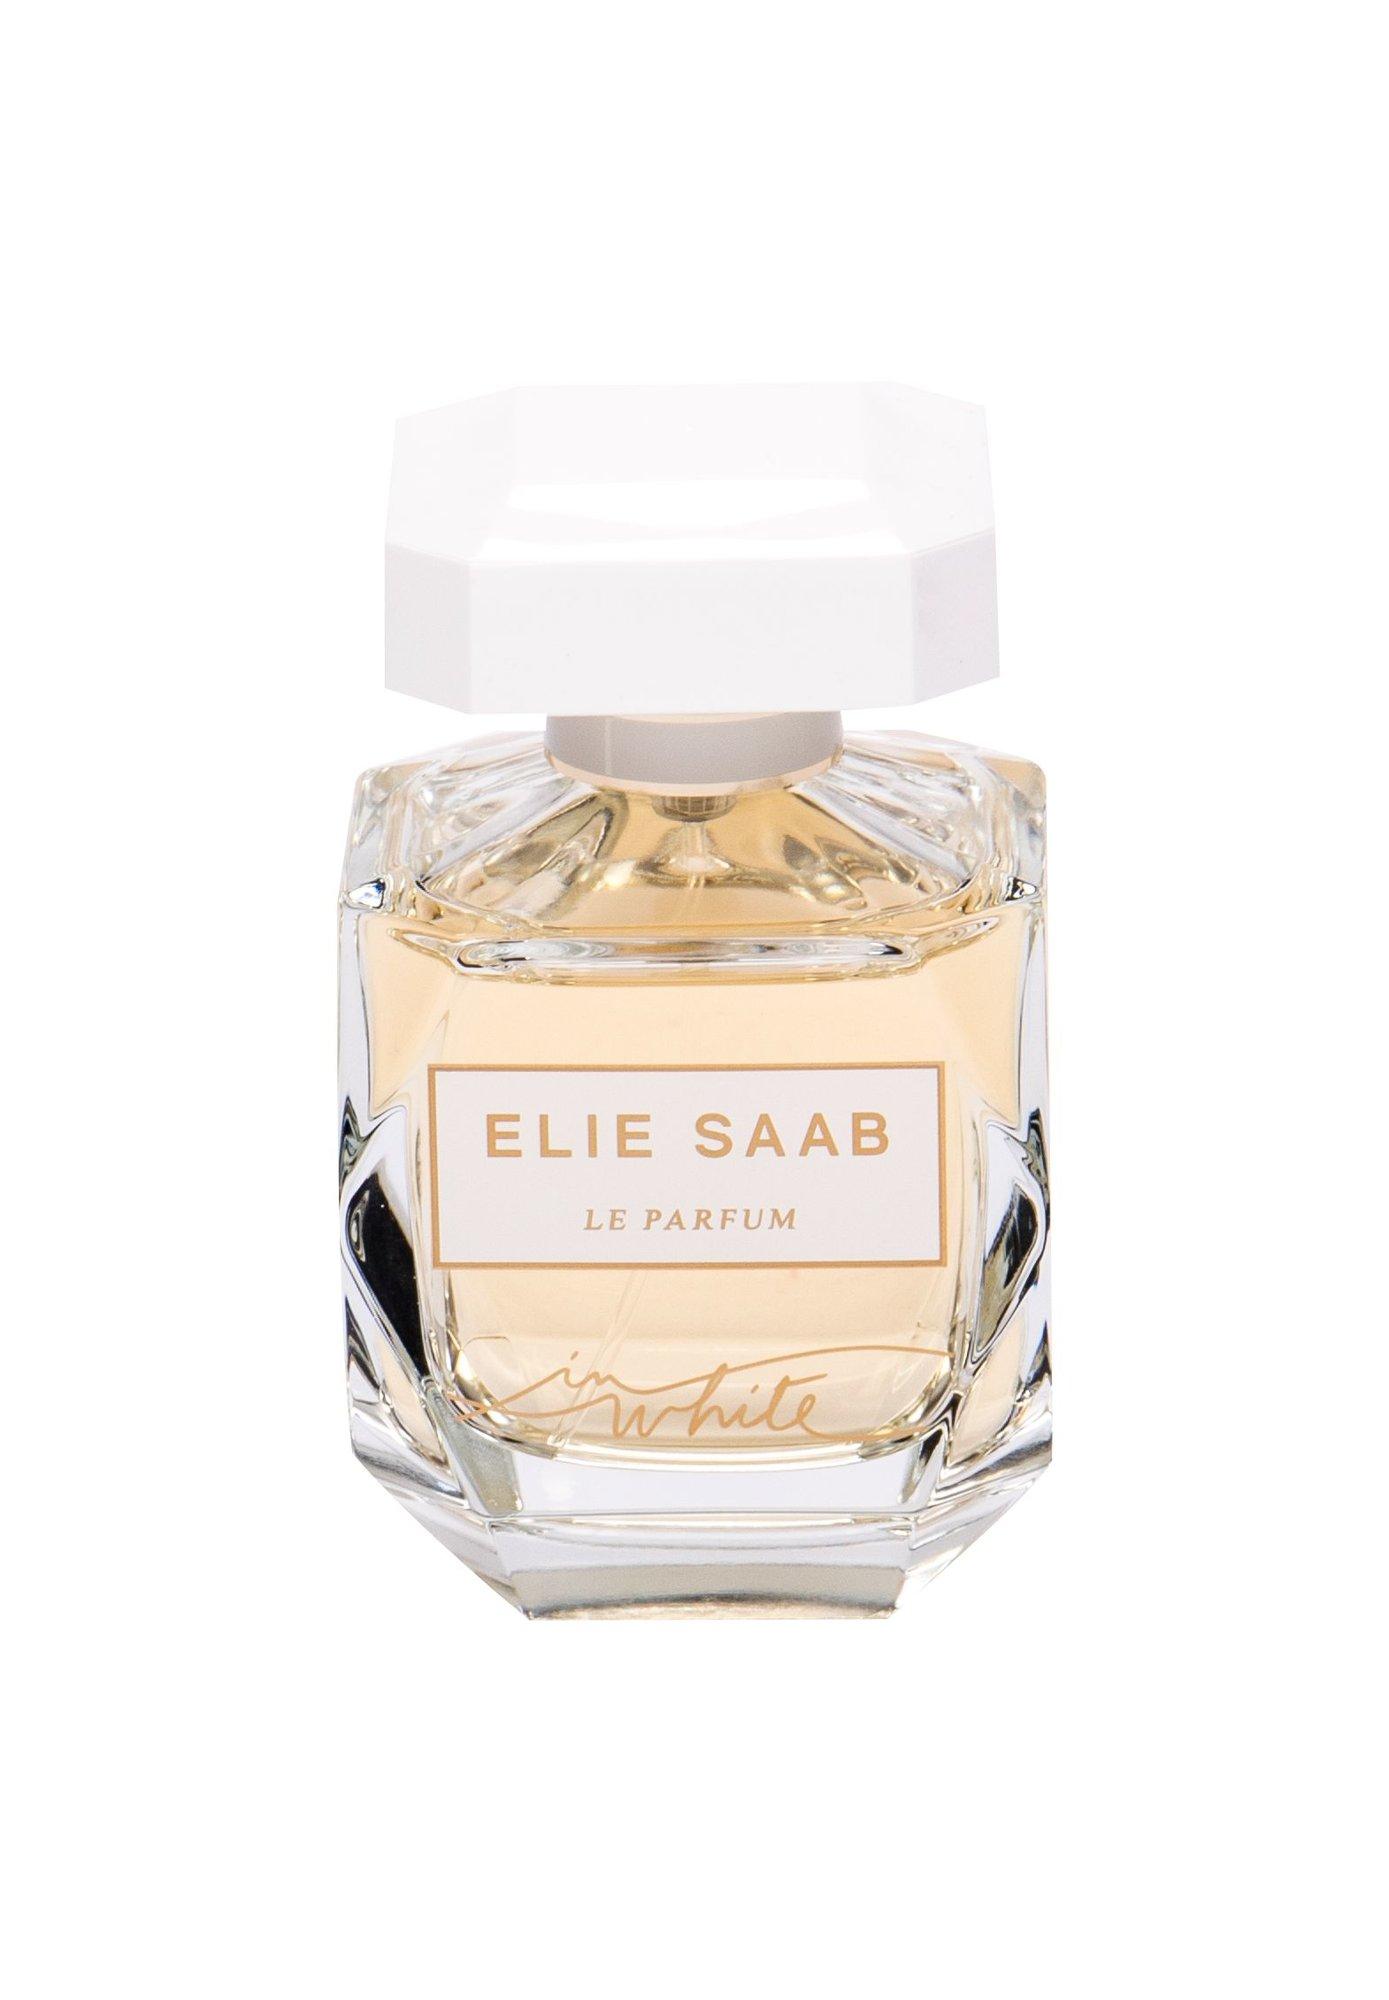 Elie Saab Le Parfum in white Eau de Parfum 90ml